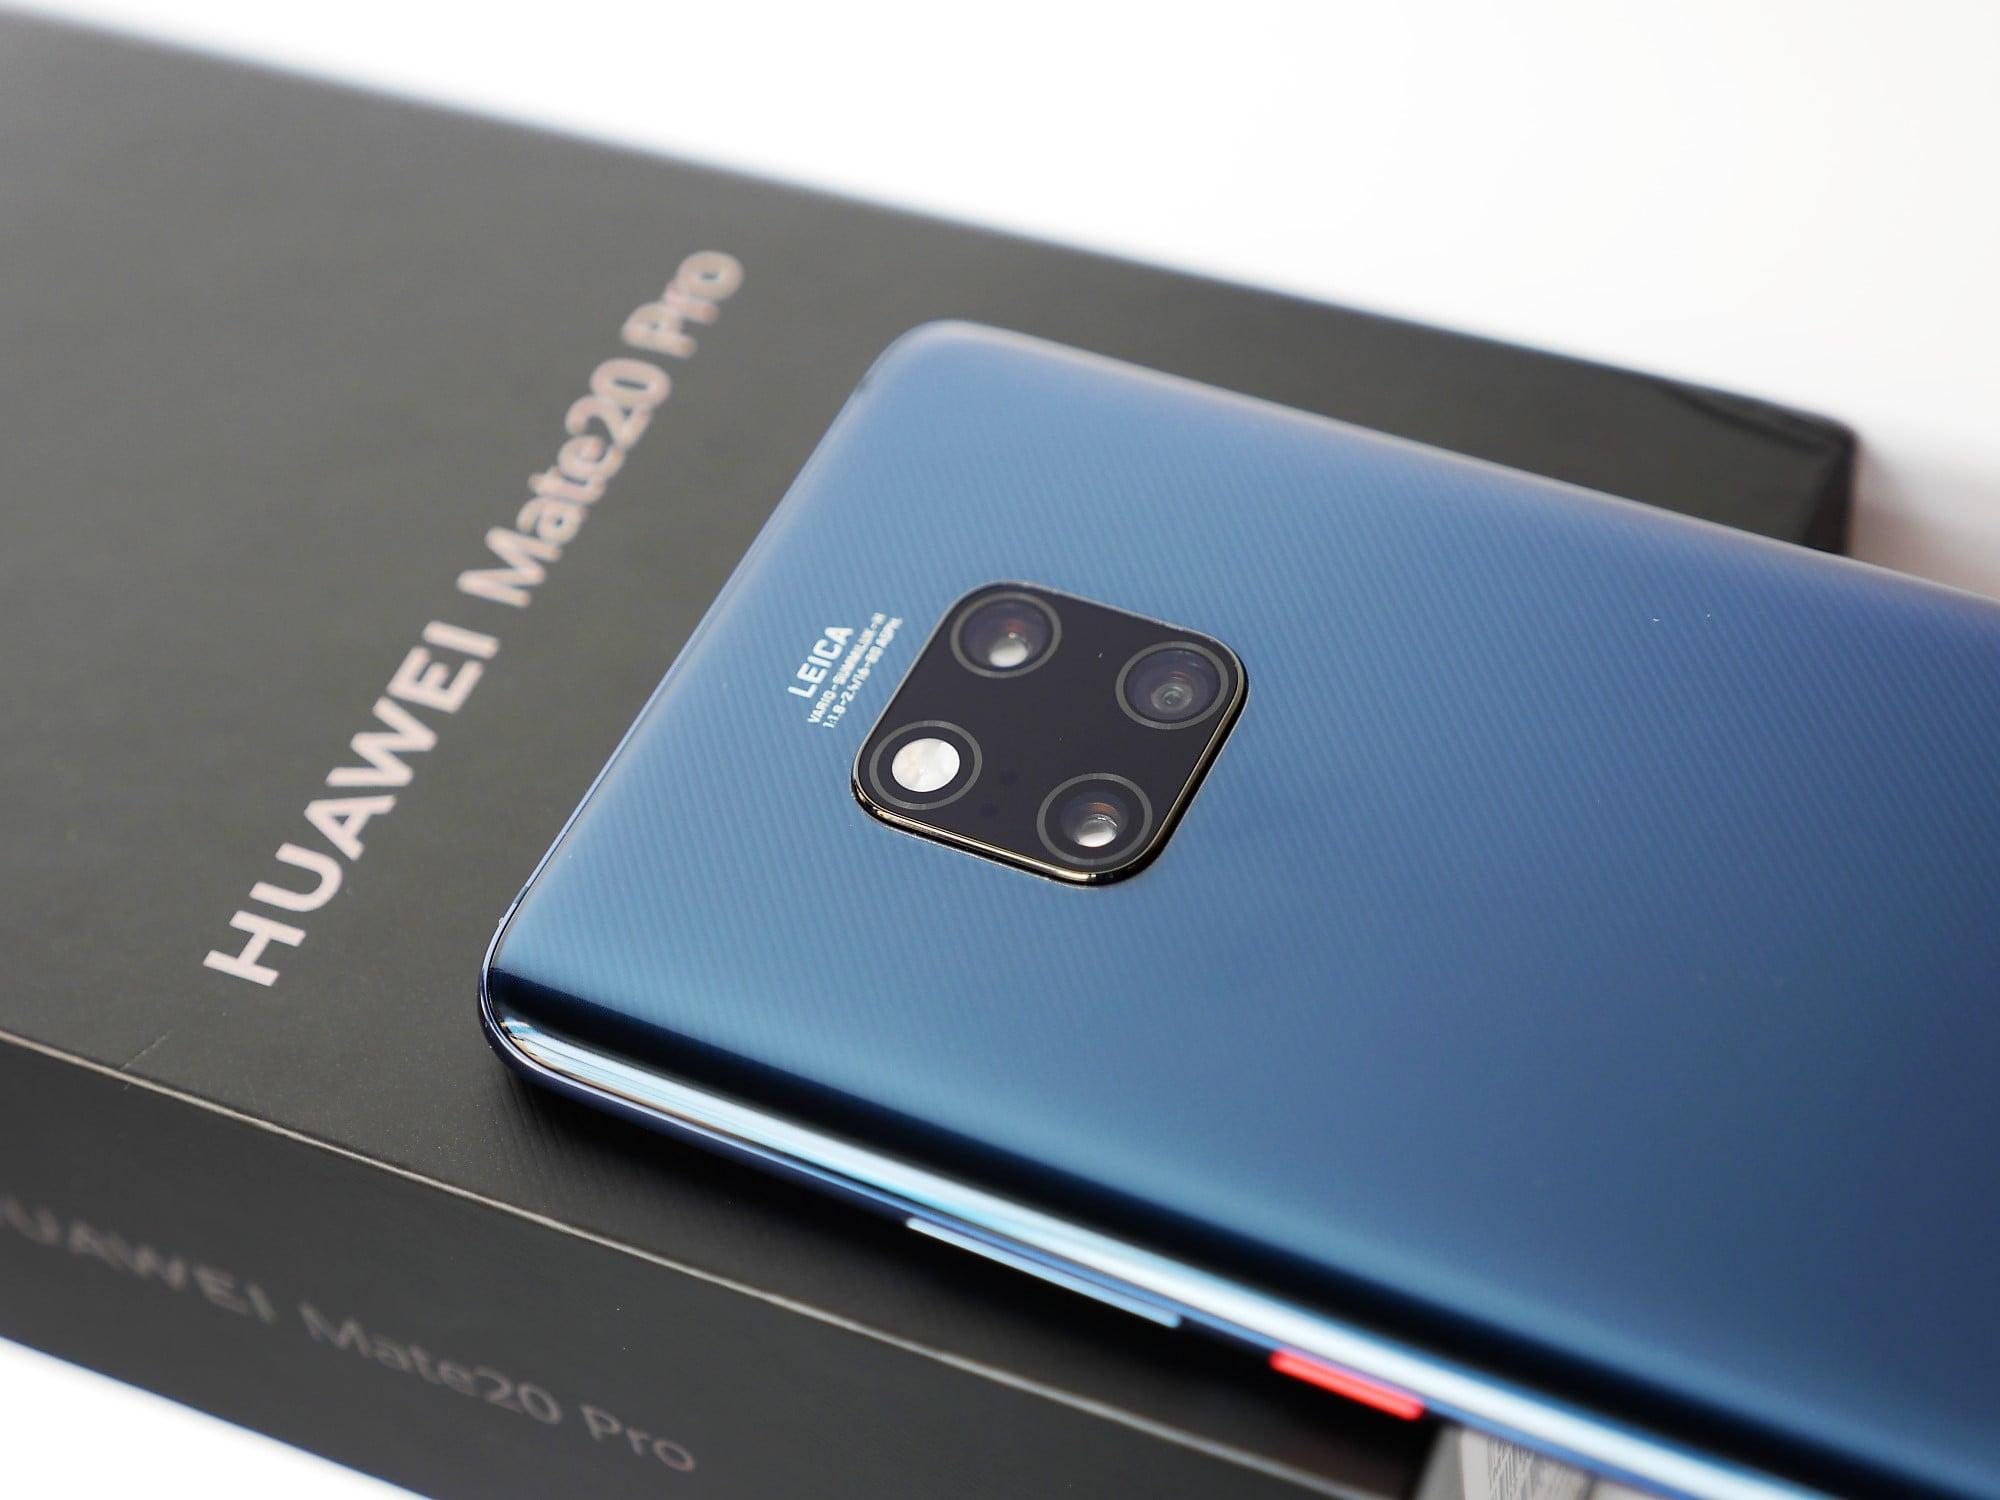 DxOMark opublikował test aparatów w Huawei Mate 20 Pro. Wynik jest zaskakujący 26